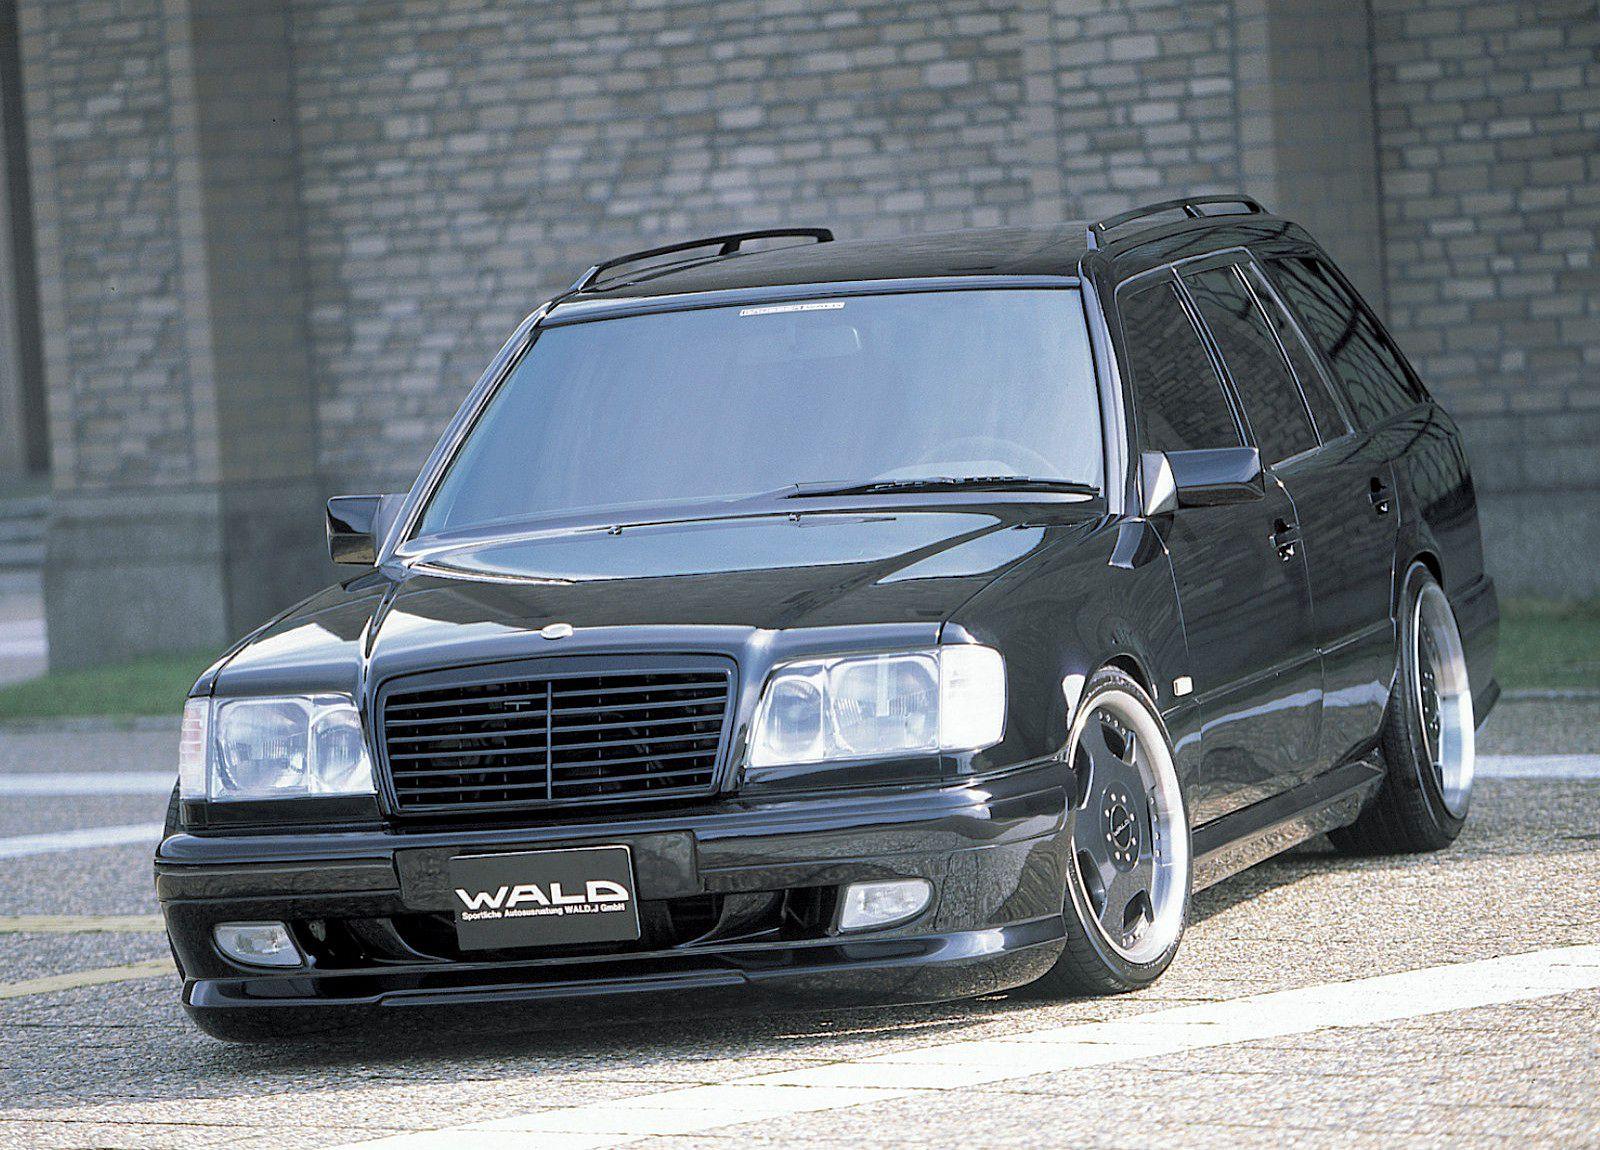 Tuning wald international mercedes benz e class estate w211 - 1997 Wald Mercedes Benz E Class W124 Wagon